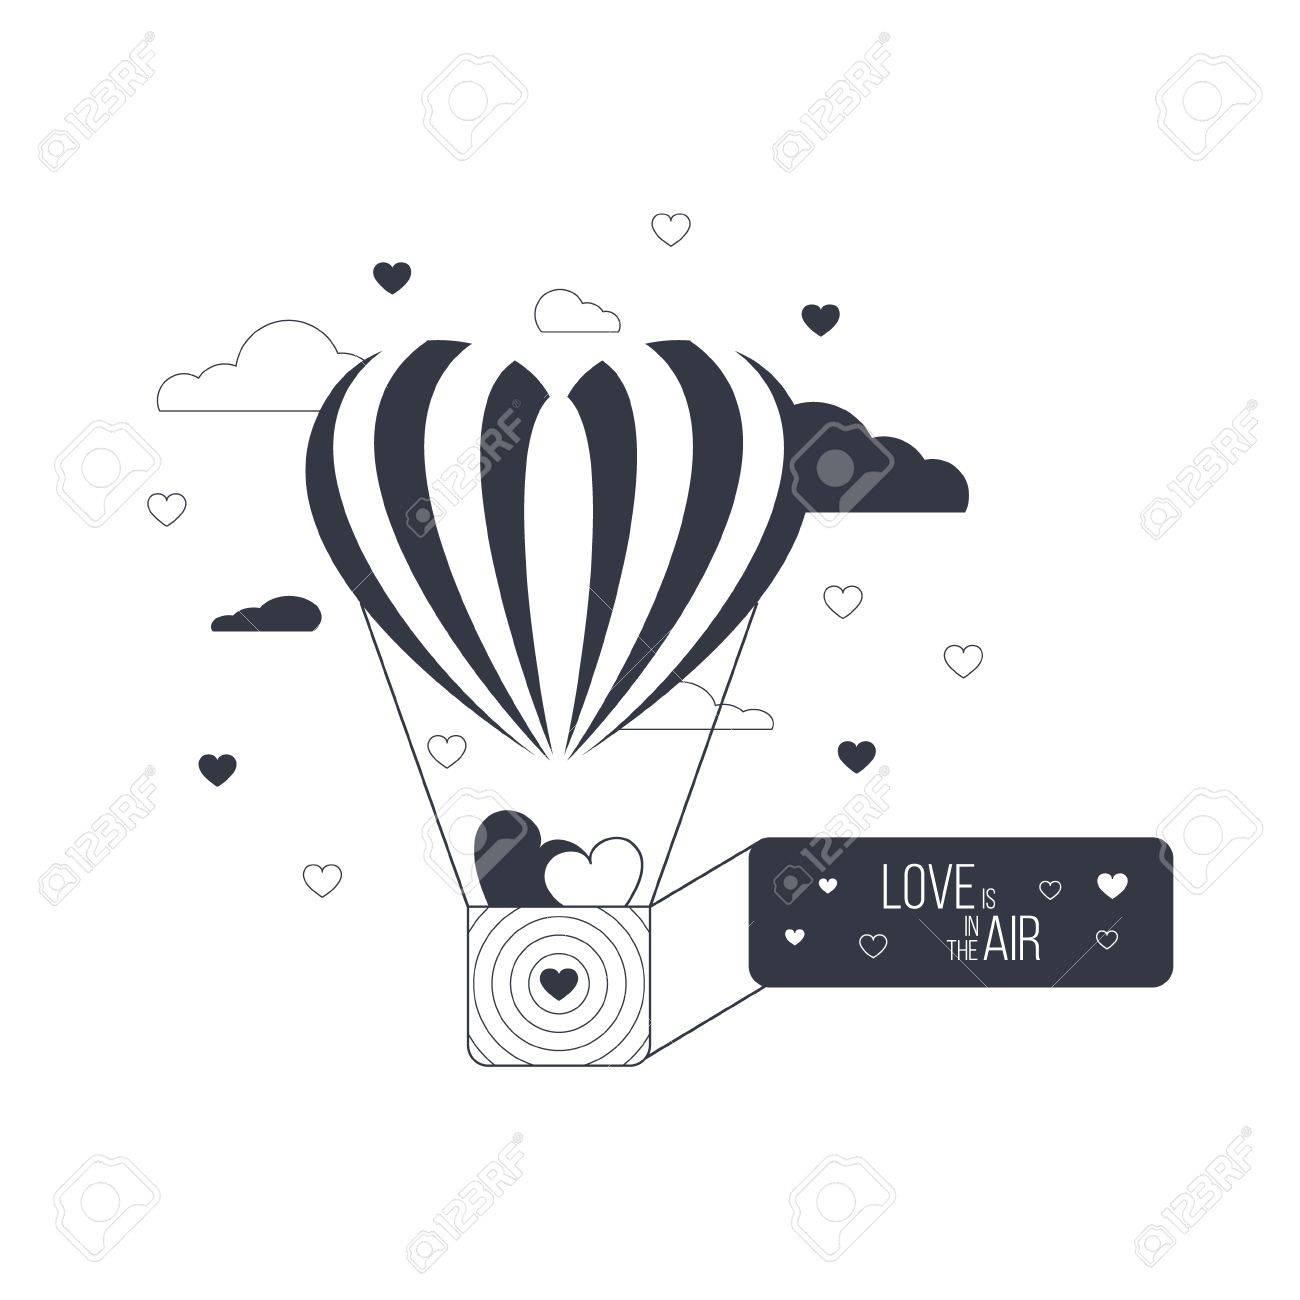 Liebe Liegt In Der Luft Konzept. Herz-Luftballon Der Liebe. Rote ...